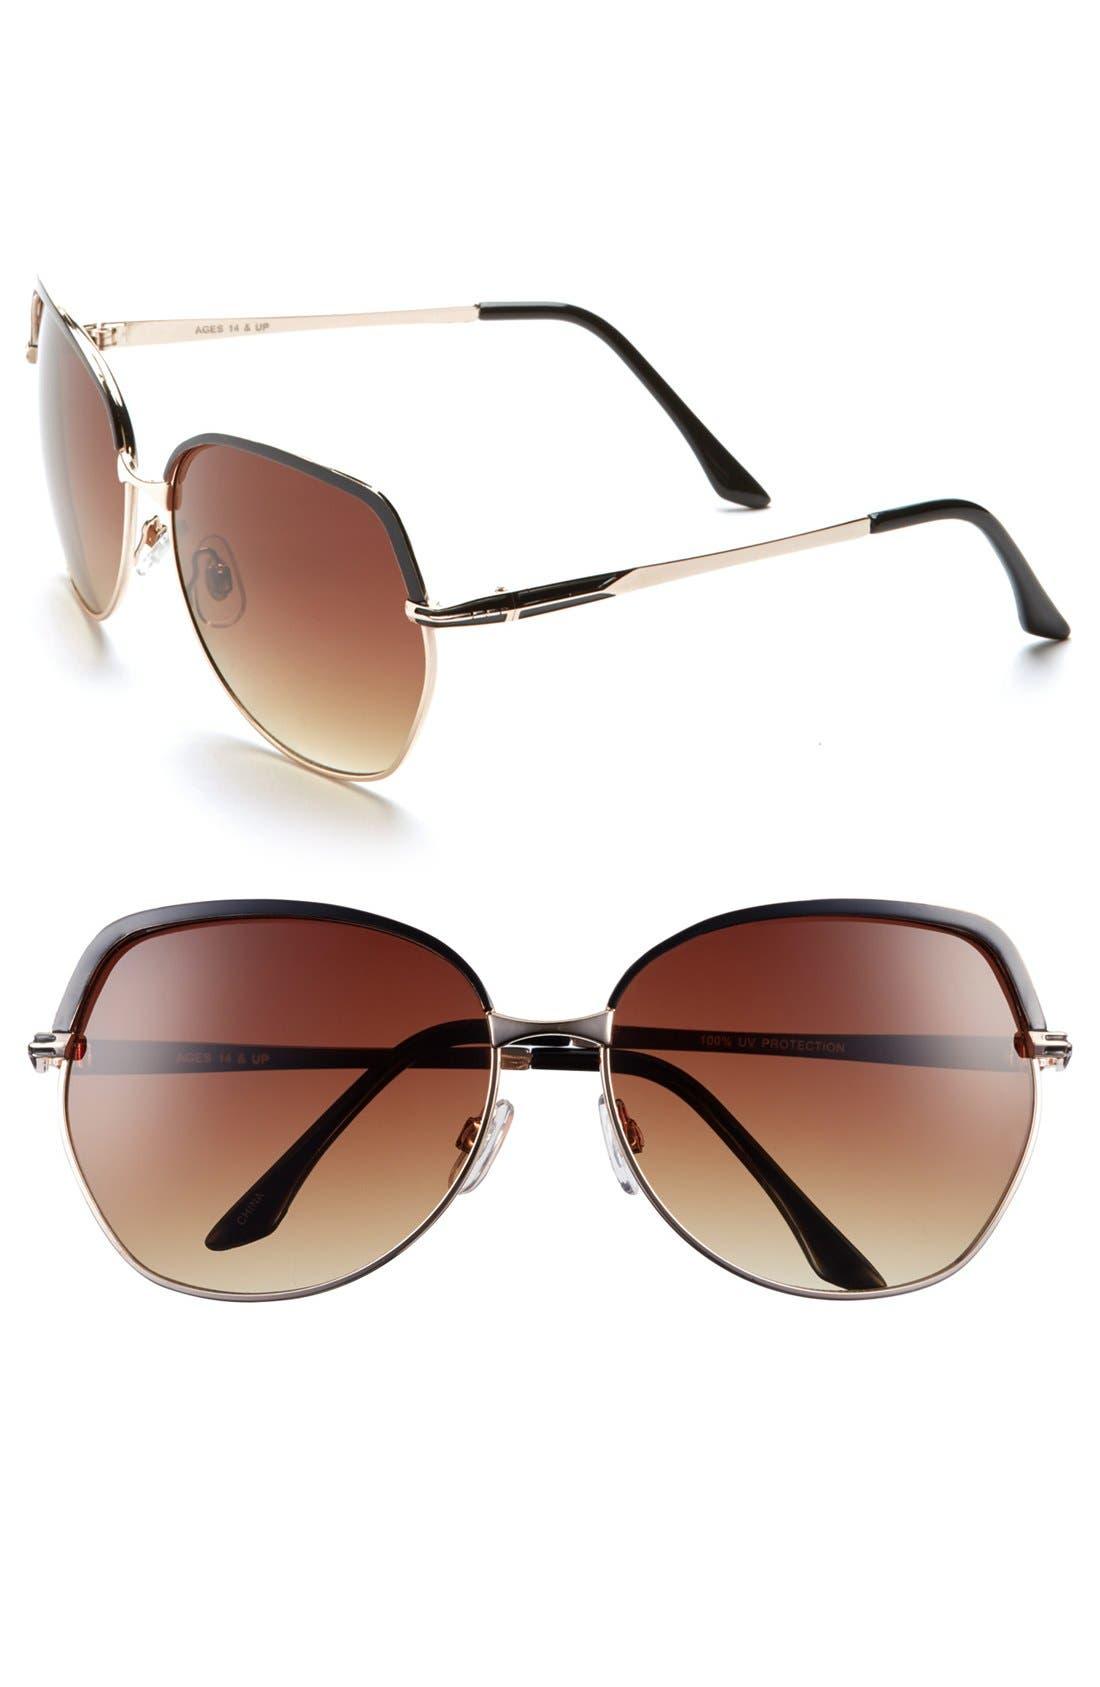 FANTASEYES Fantas Eyes 'Incognito' 62mm Sunglasses, Main, color, 001